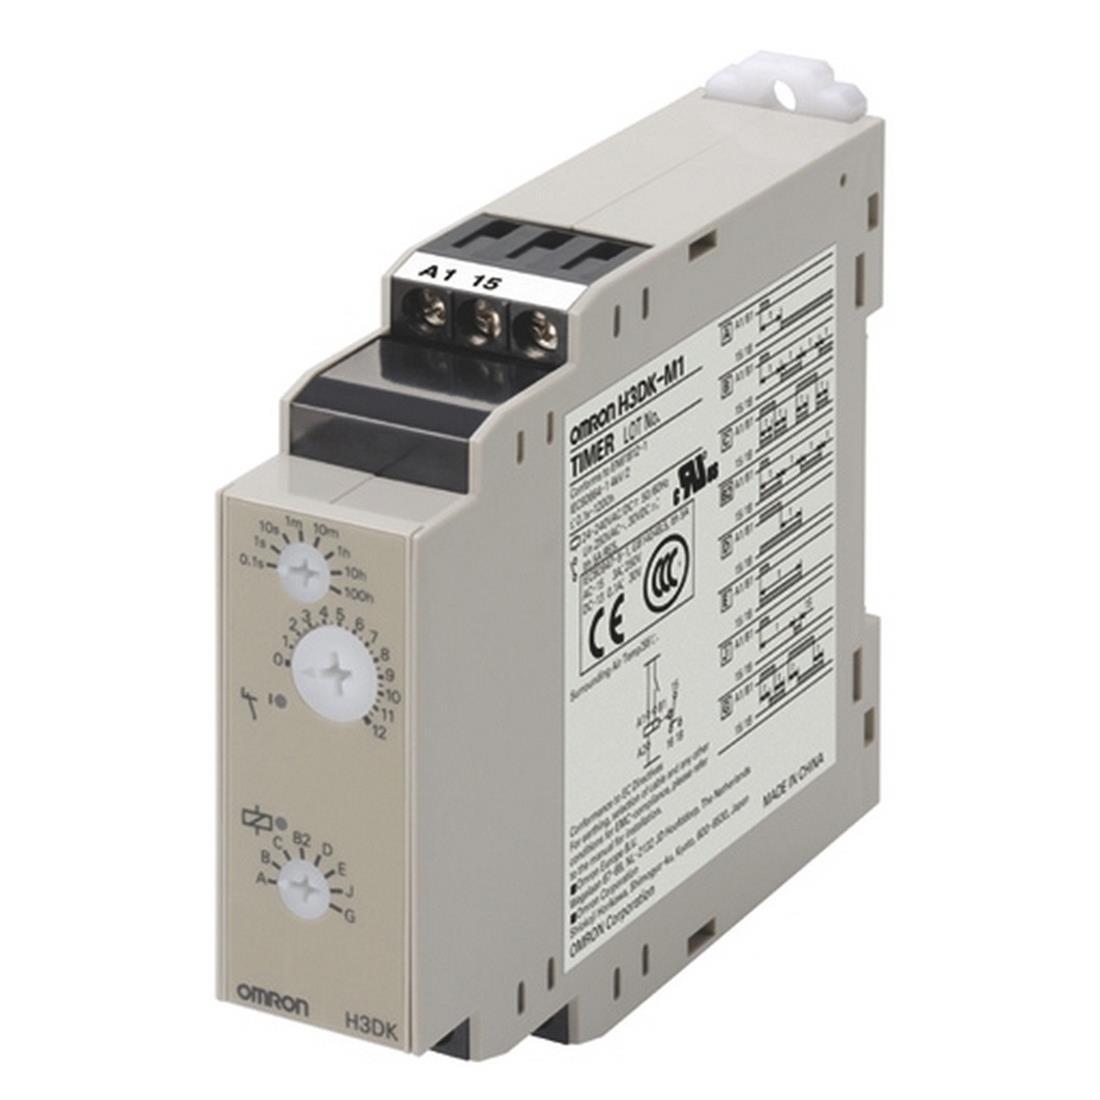 Omron tijdrelais multirange met 8 functies en multivoltage 24-240VAC/DC (H3DK-M)